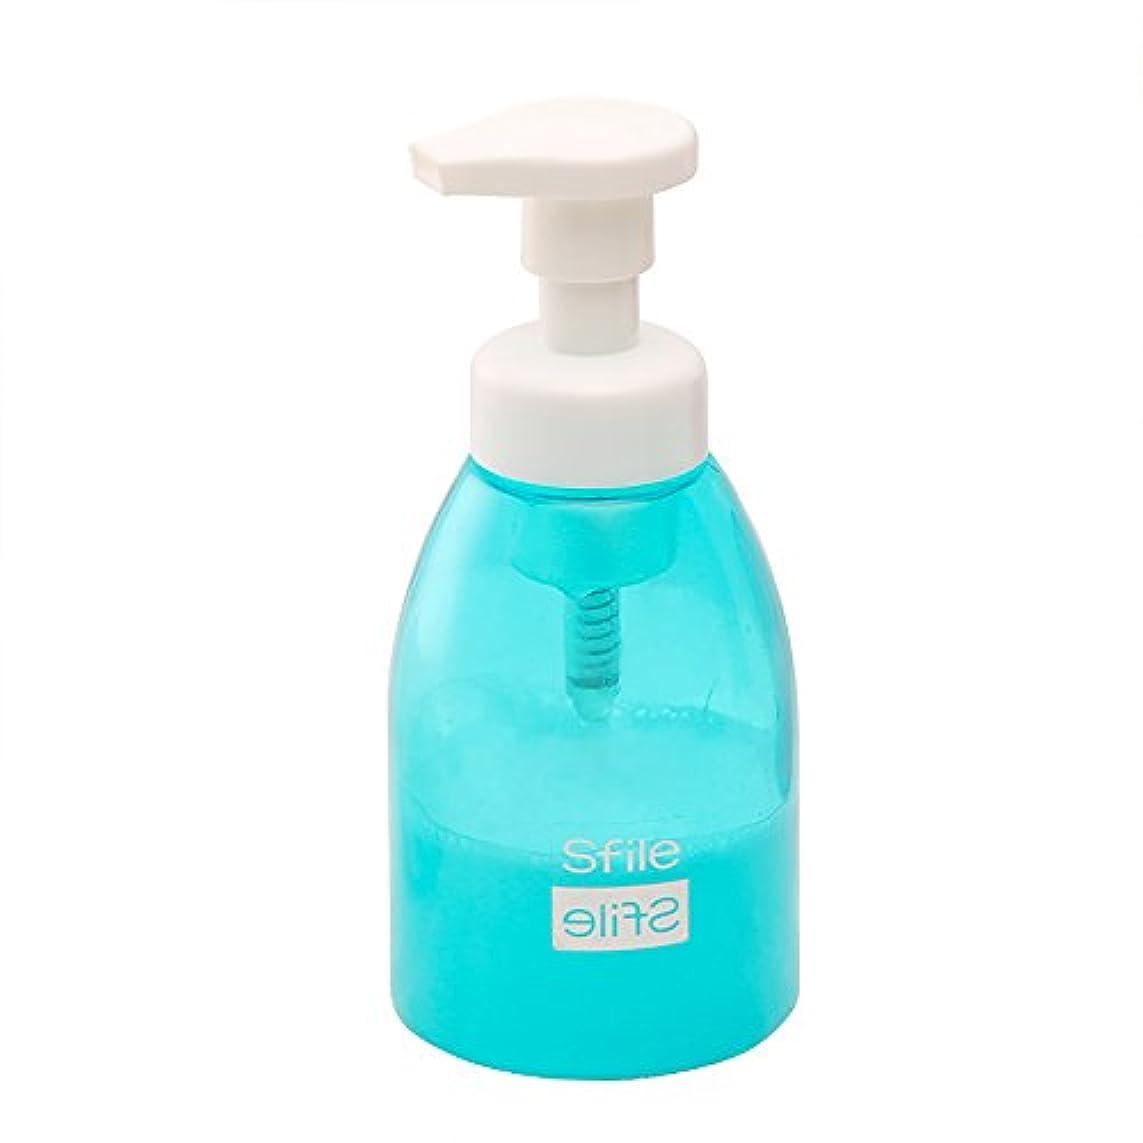 グリーンランド変化するパネル泡立てボトル/ビン/コップ 洗顔用 泡立て器 洗顔フォーム 洗顔ネット 2色 (ブルー)